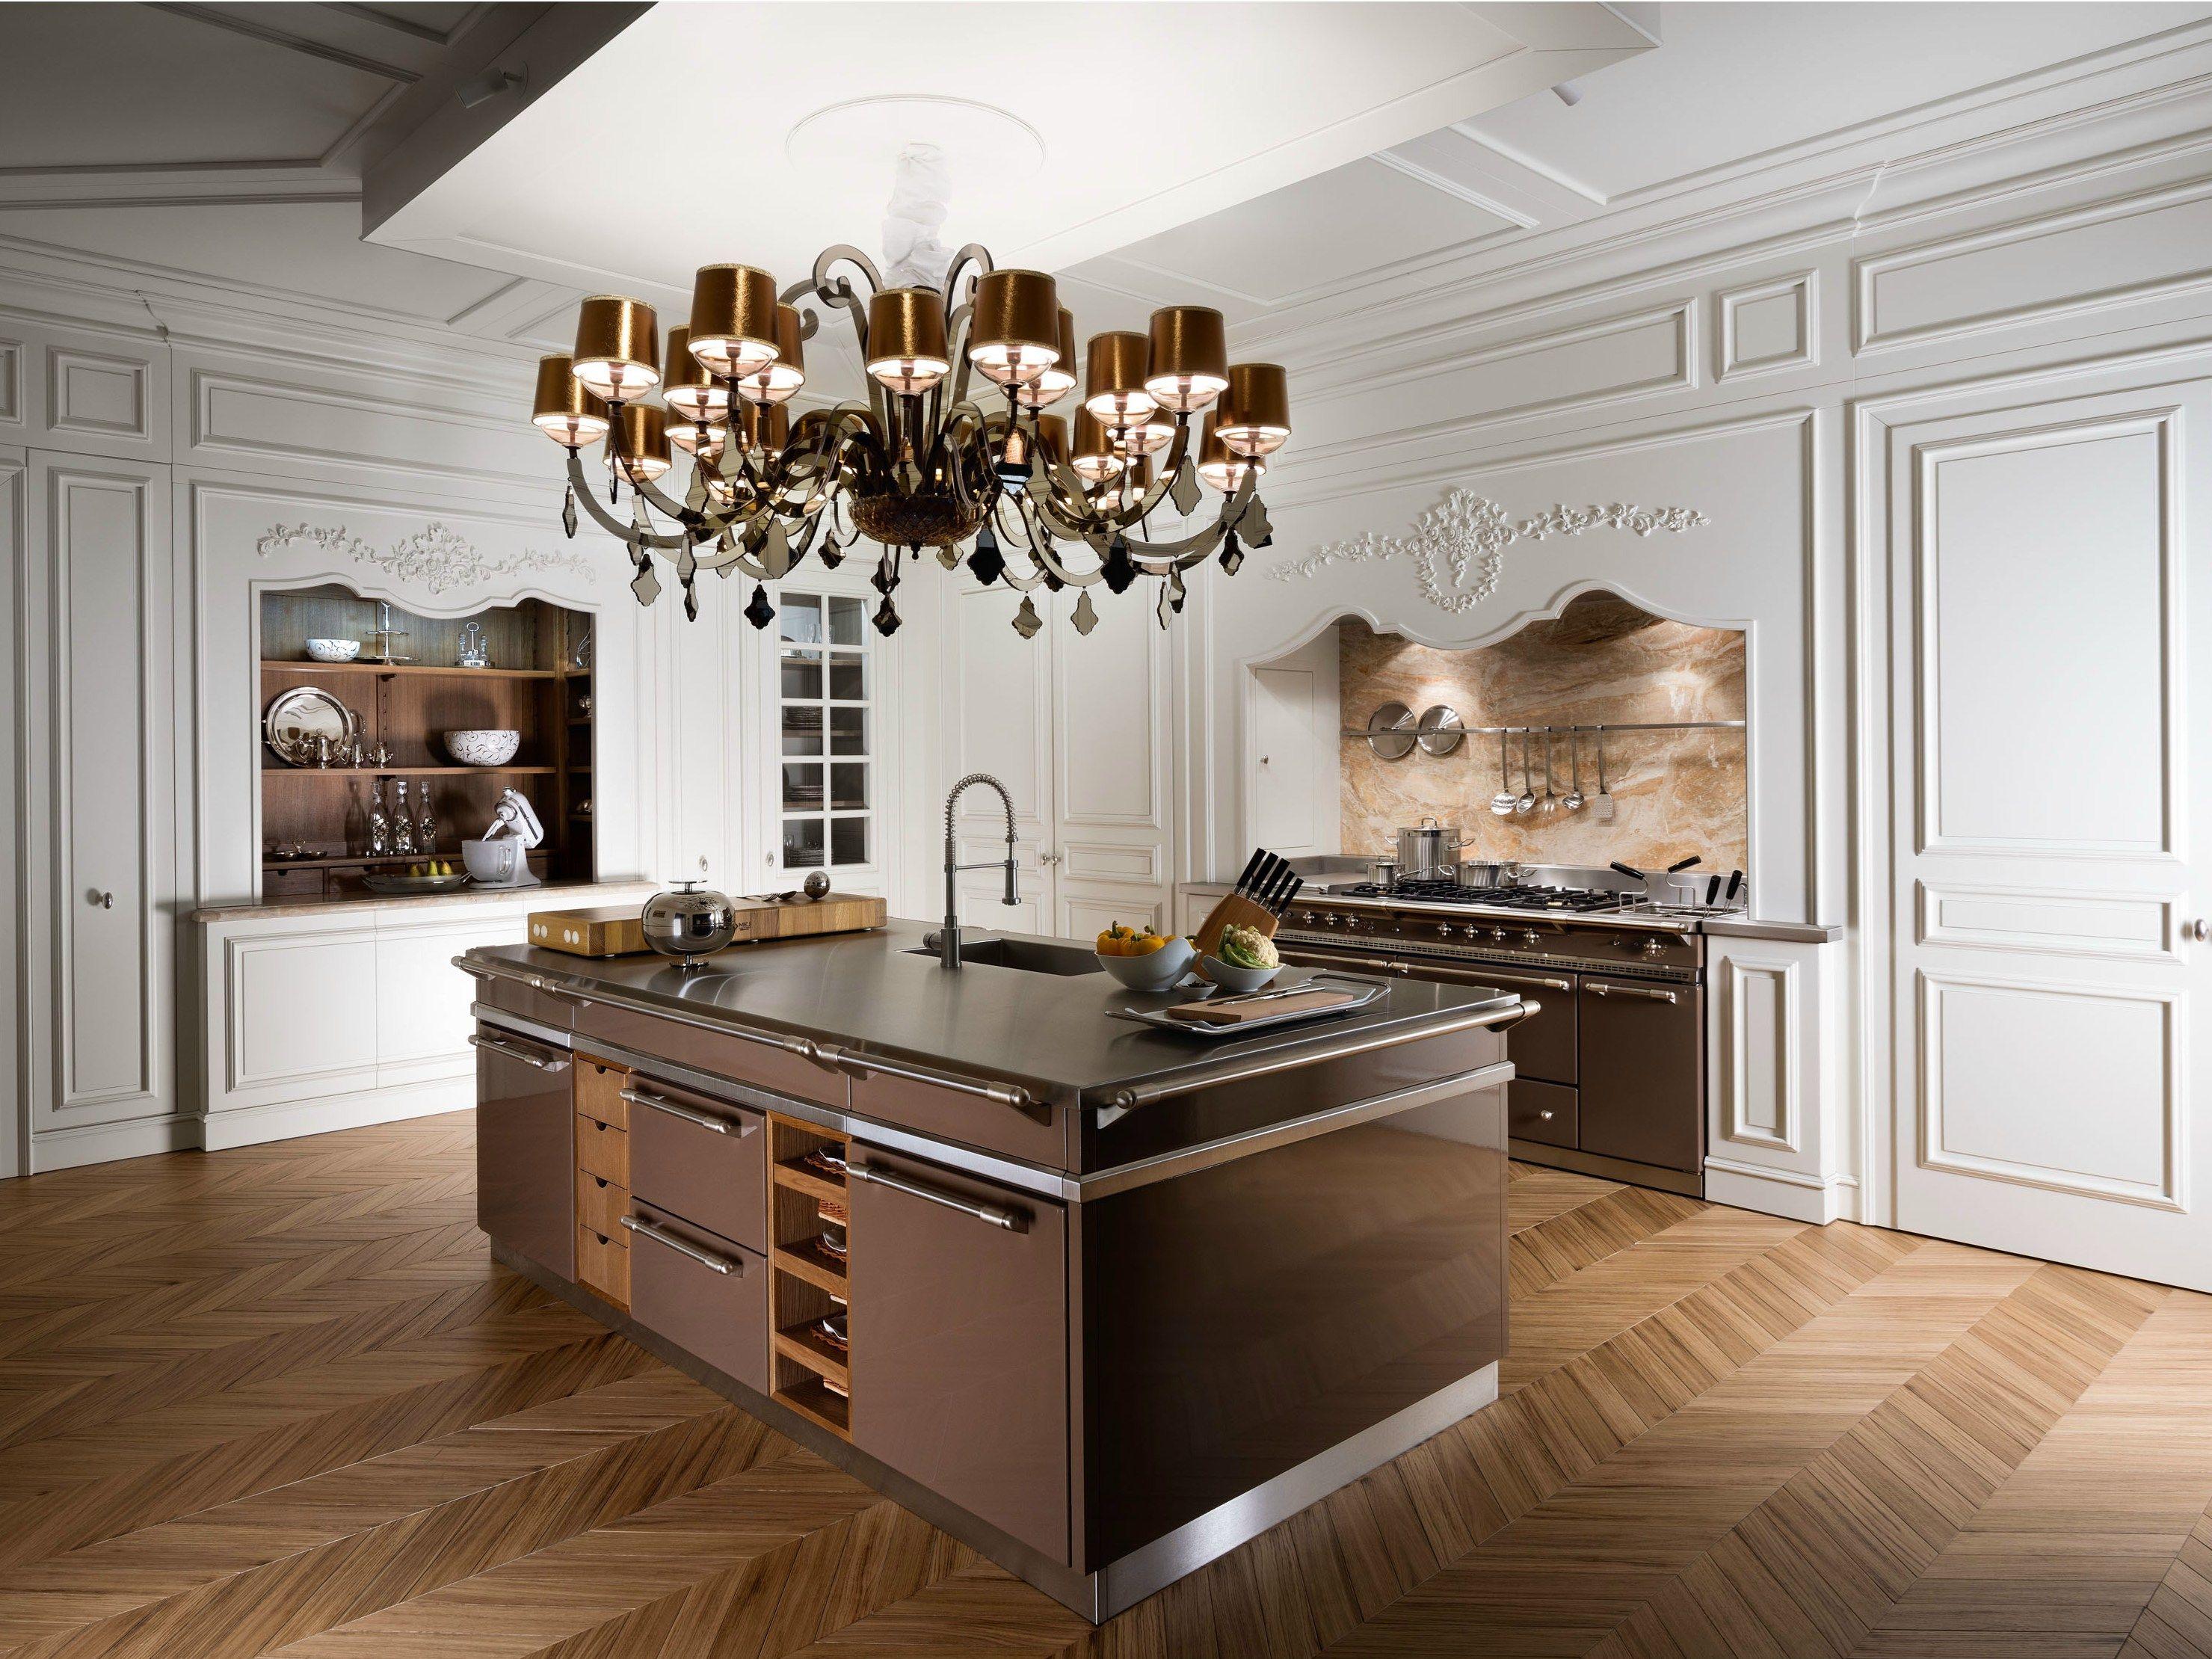 Floral cucina componibile by l 39 ottocento - L ottocento mobili ...